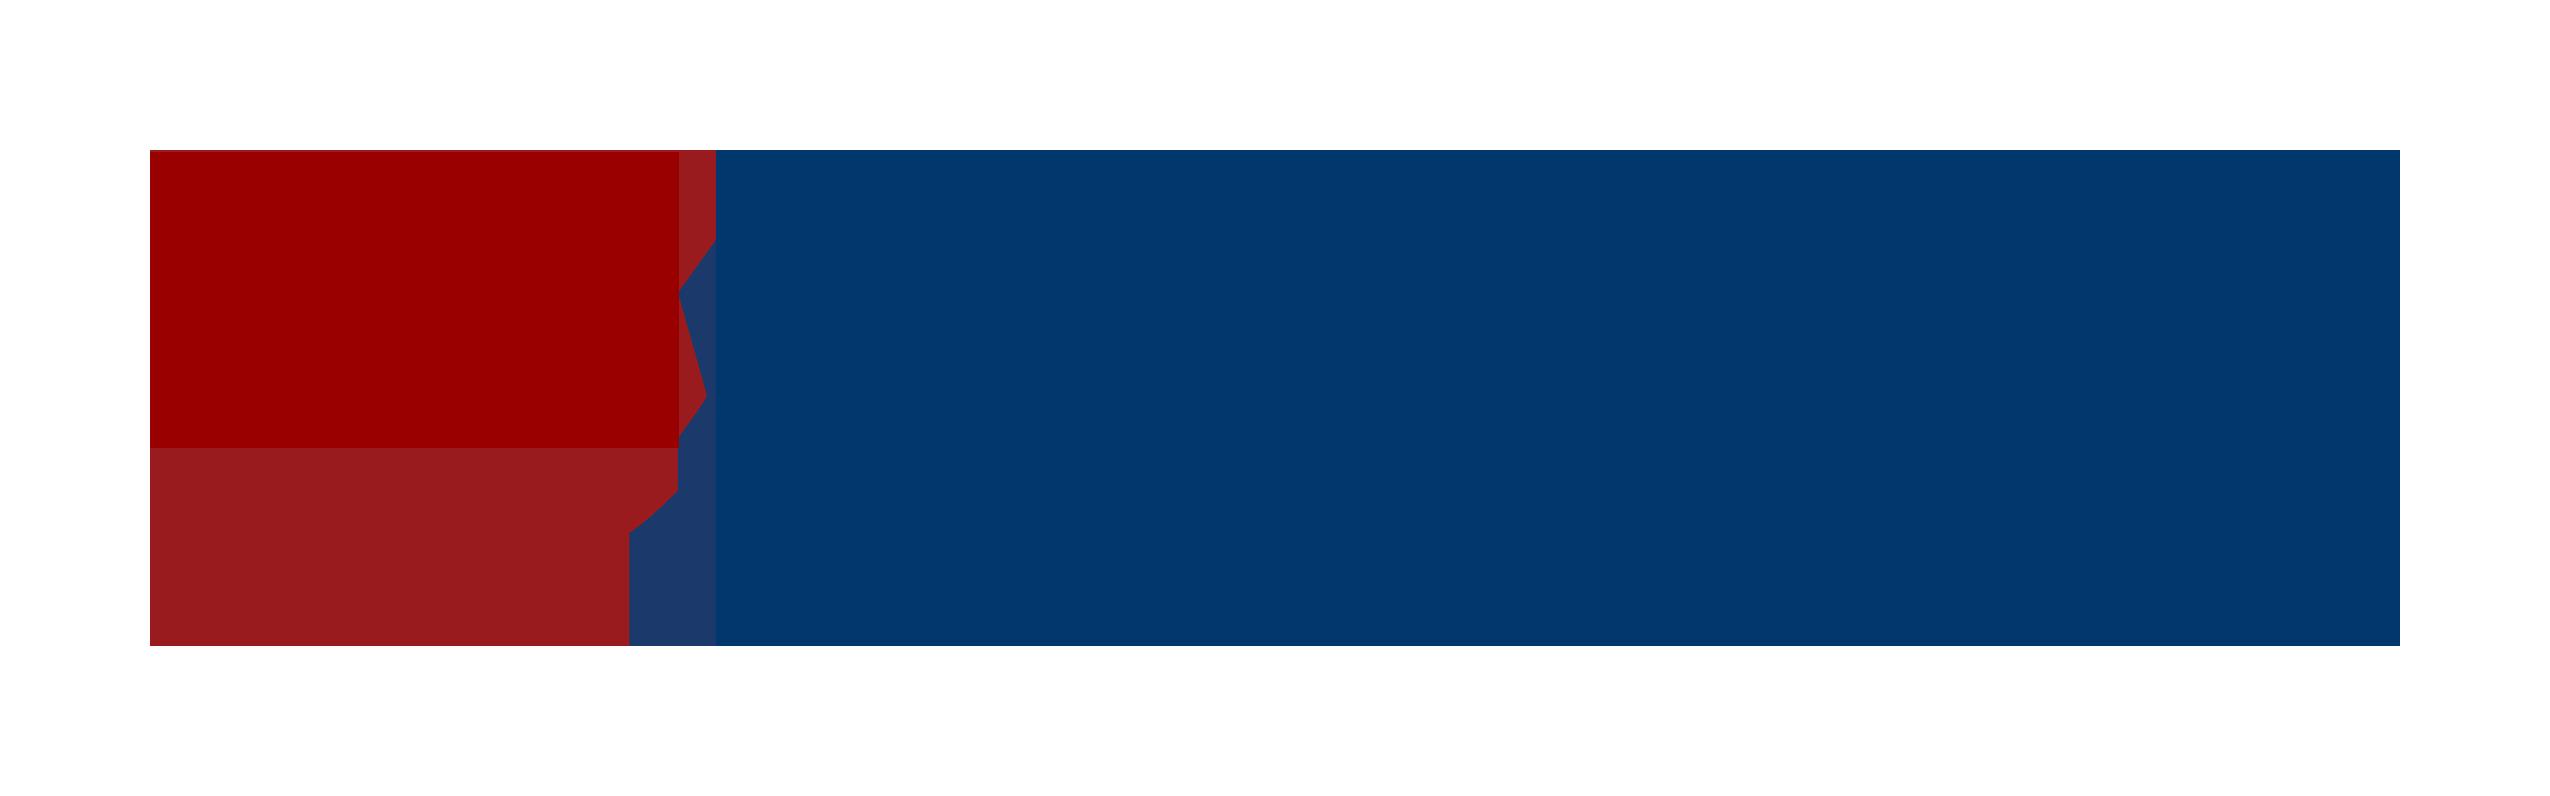 NC AirTAP logo